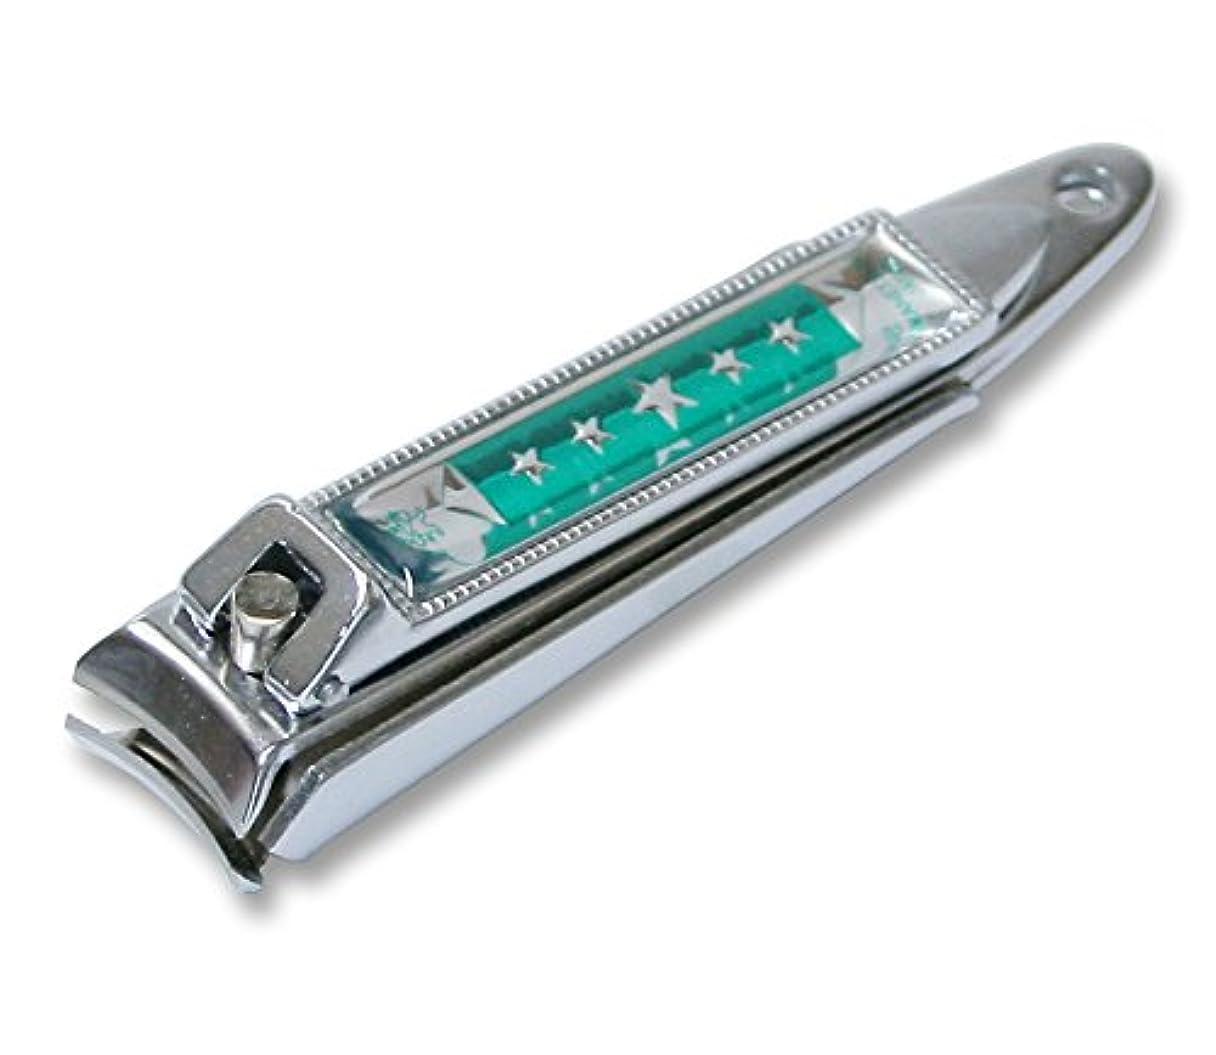 うそつきスマイル合図KC-051GR 関の刃物 関兼常 チラーヌ爪切 中 緑